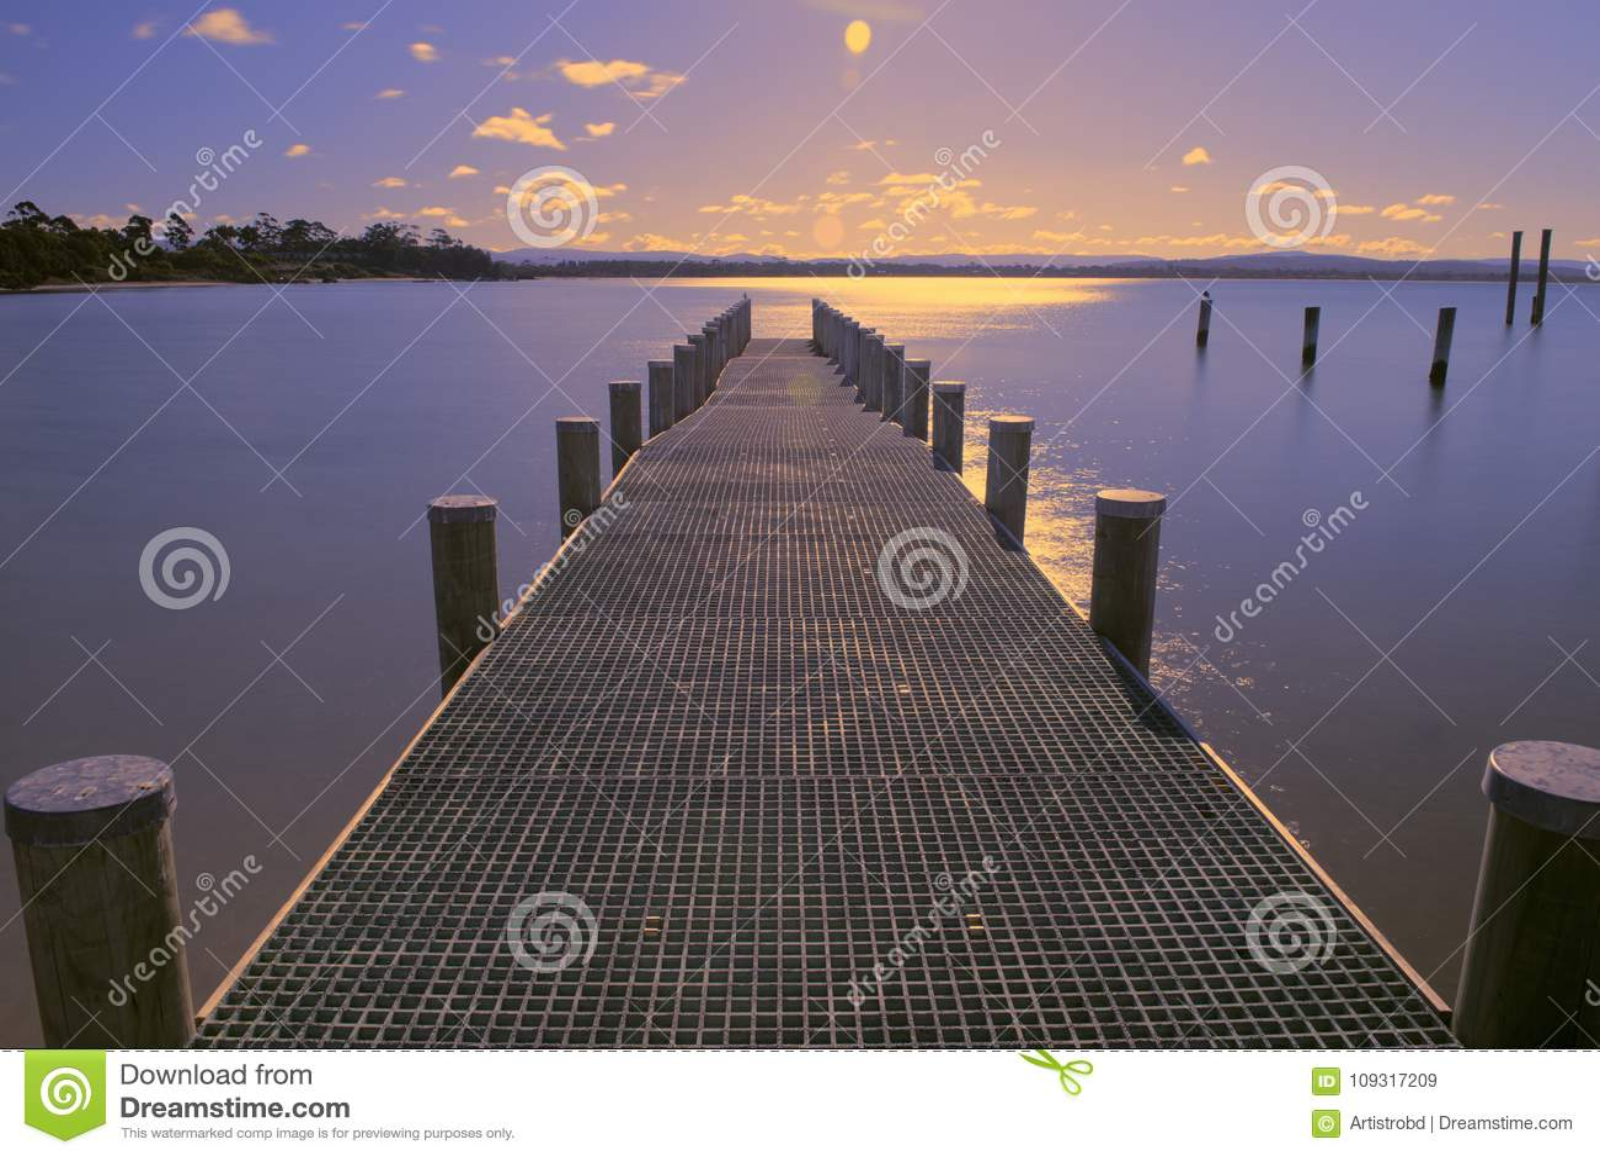 Pijler op het water in de stad van Swansea, Tasmanige